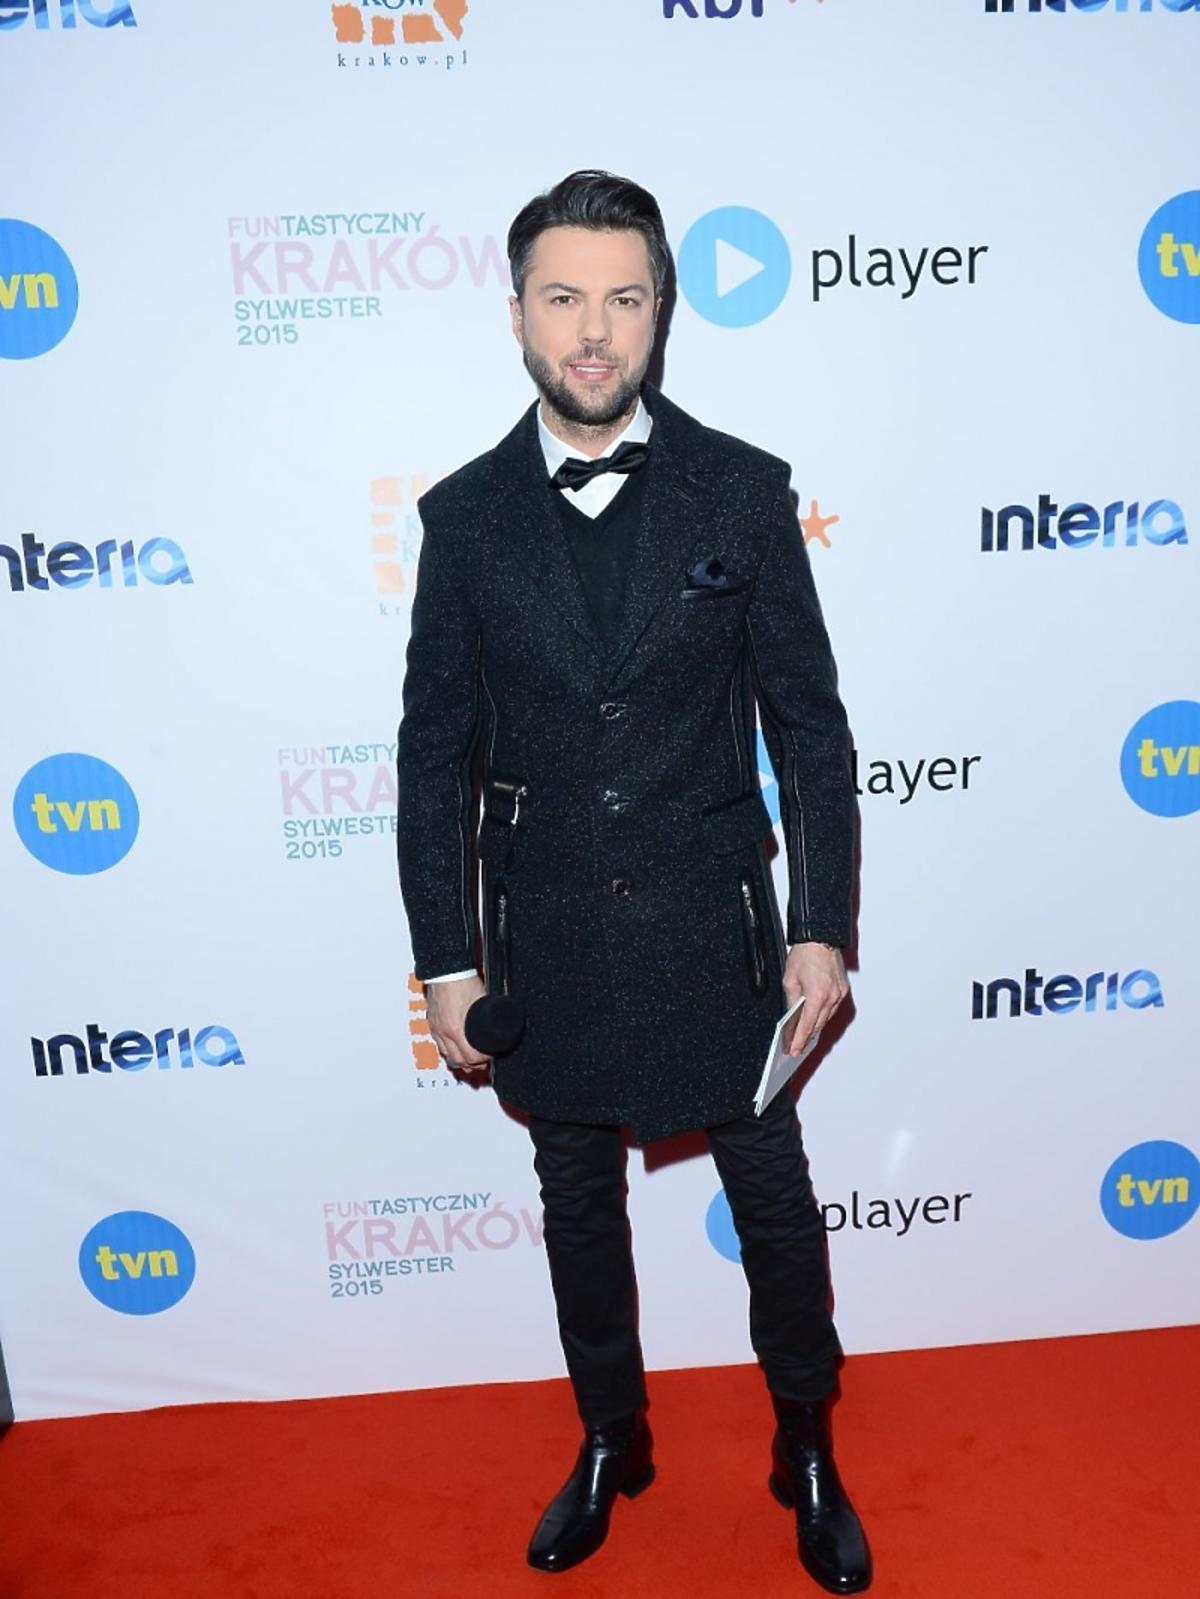 Olivier Janiak w czarnym płaszczu